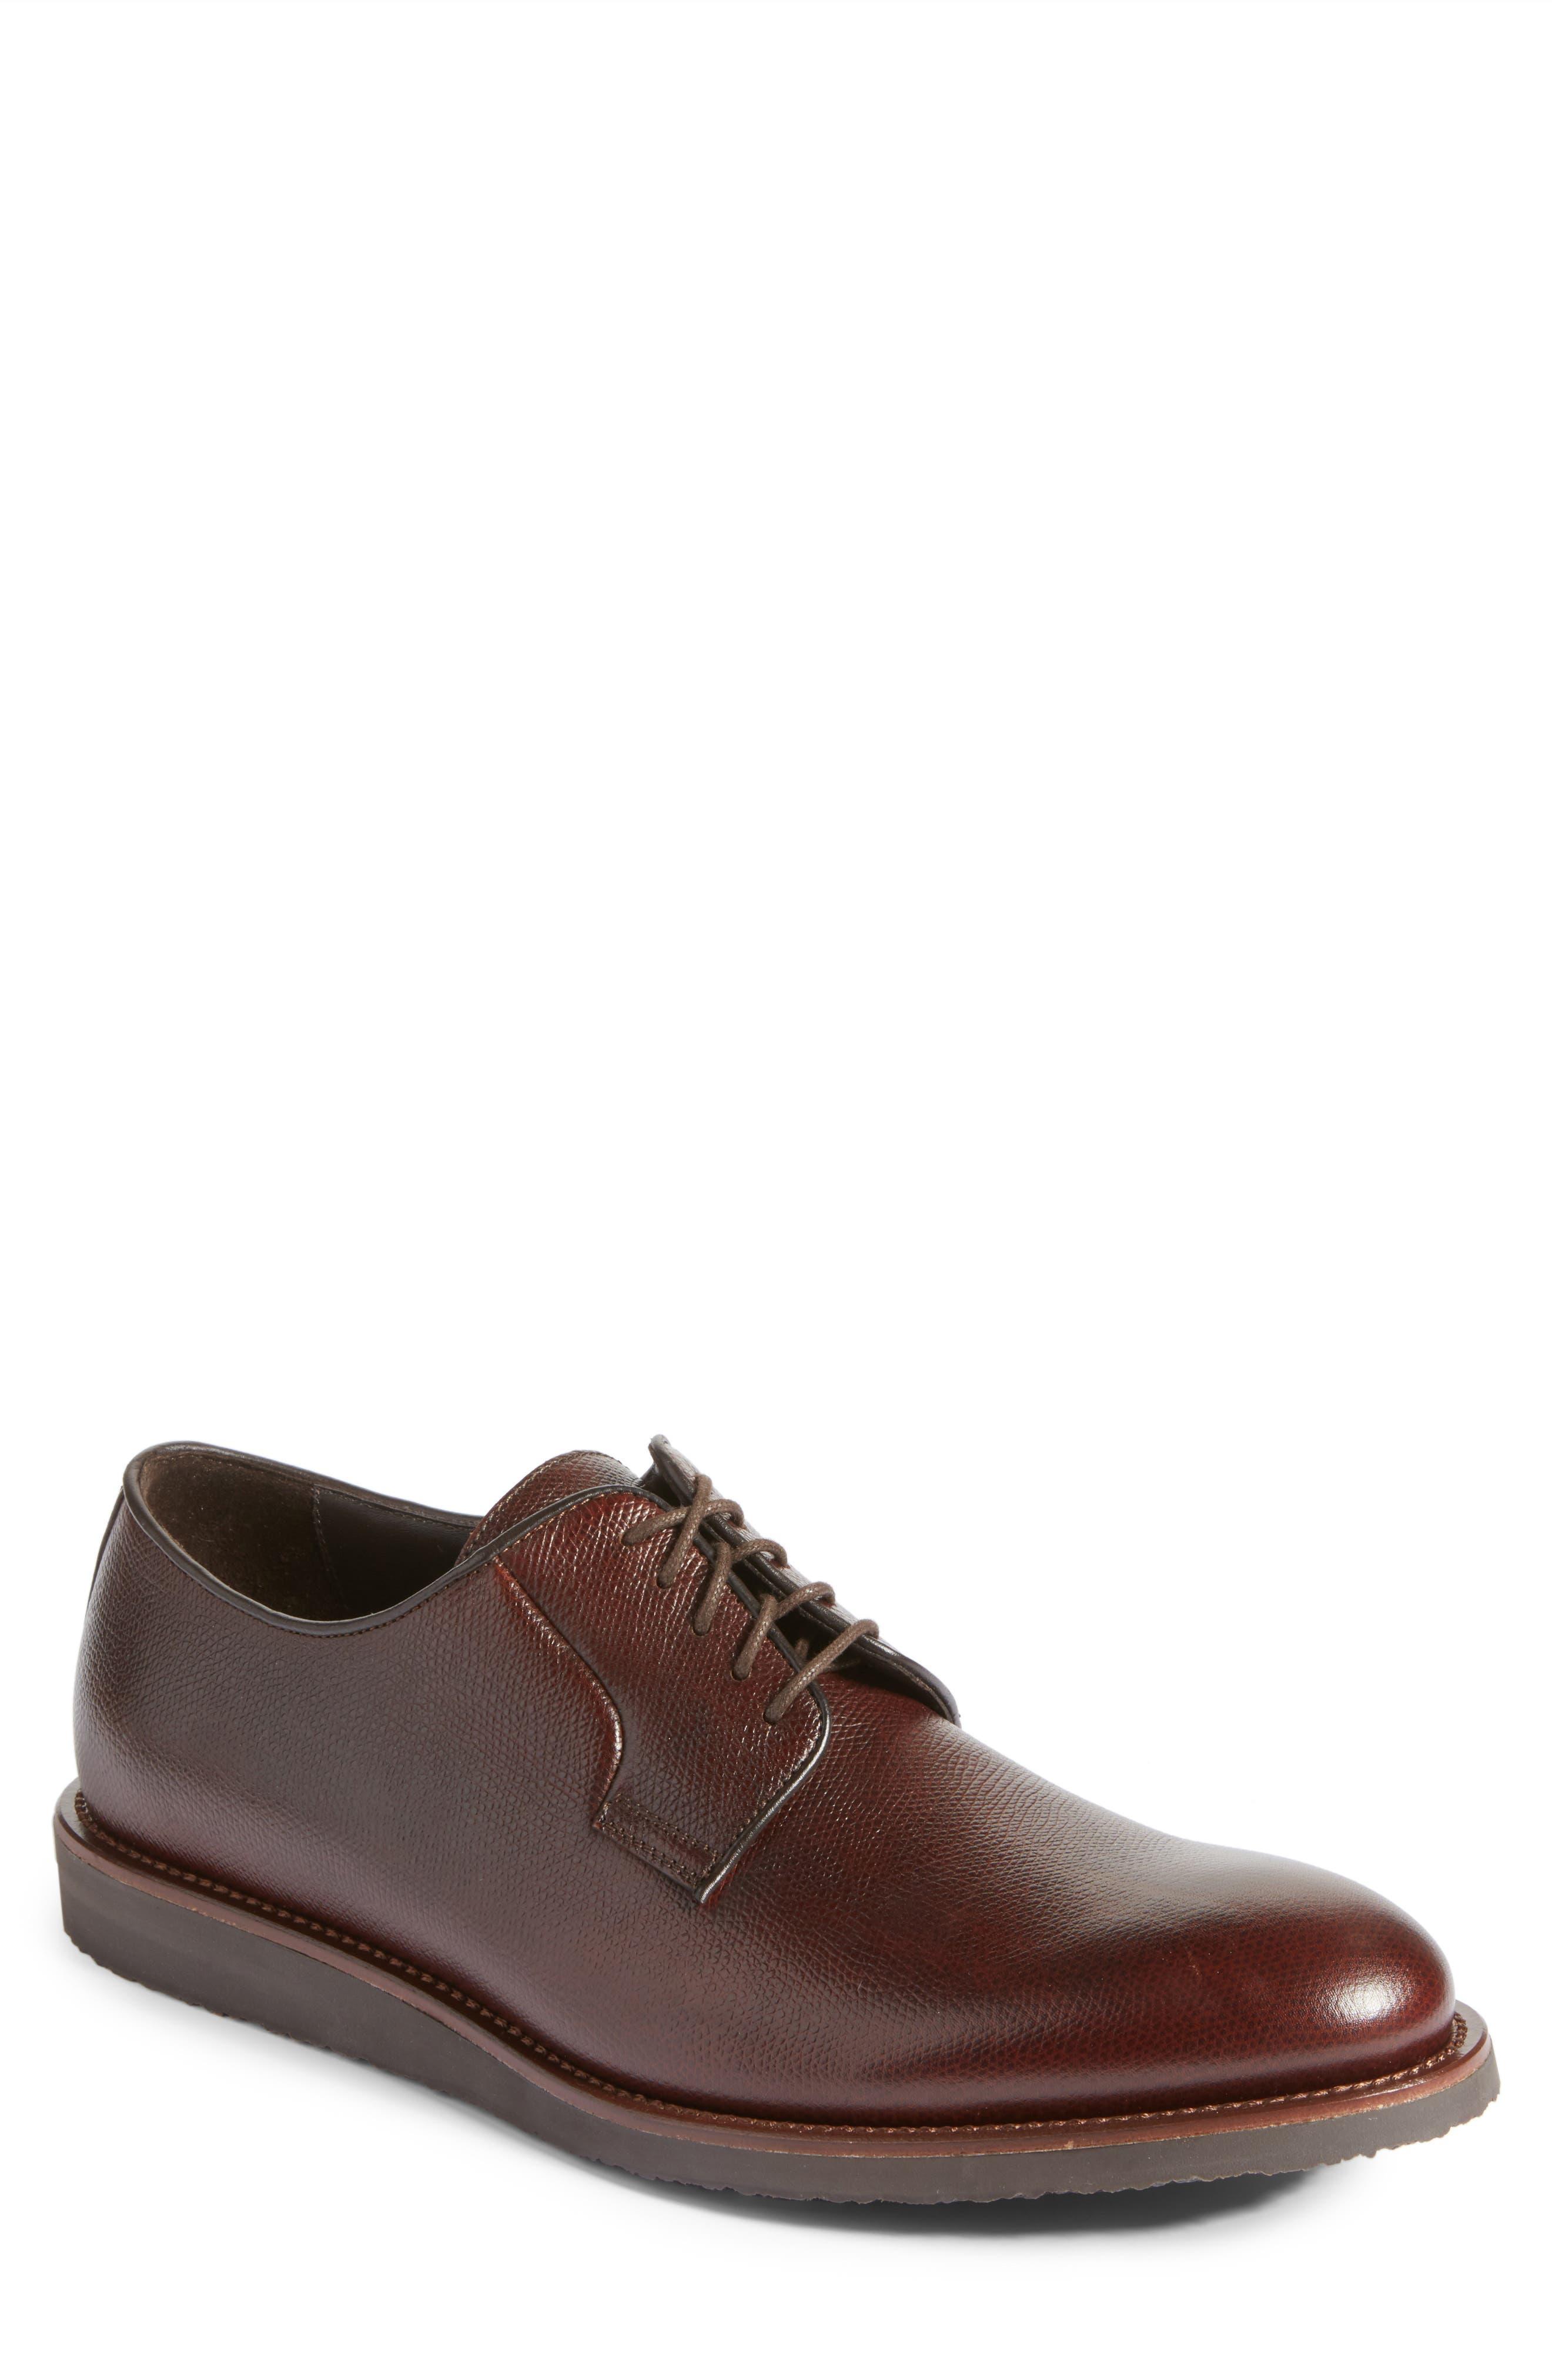 Samuel Plain-Toe Derby,                         Main,                         color, Tronco Leather